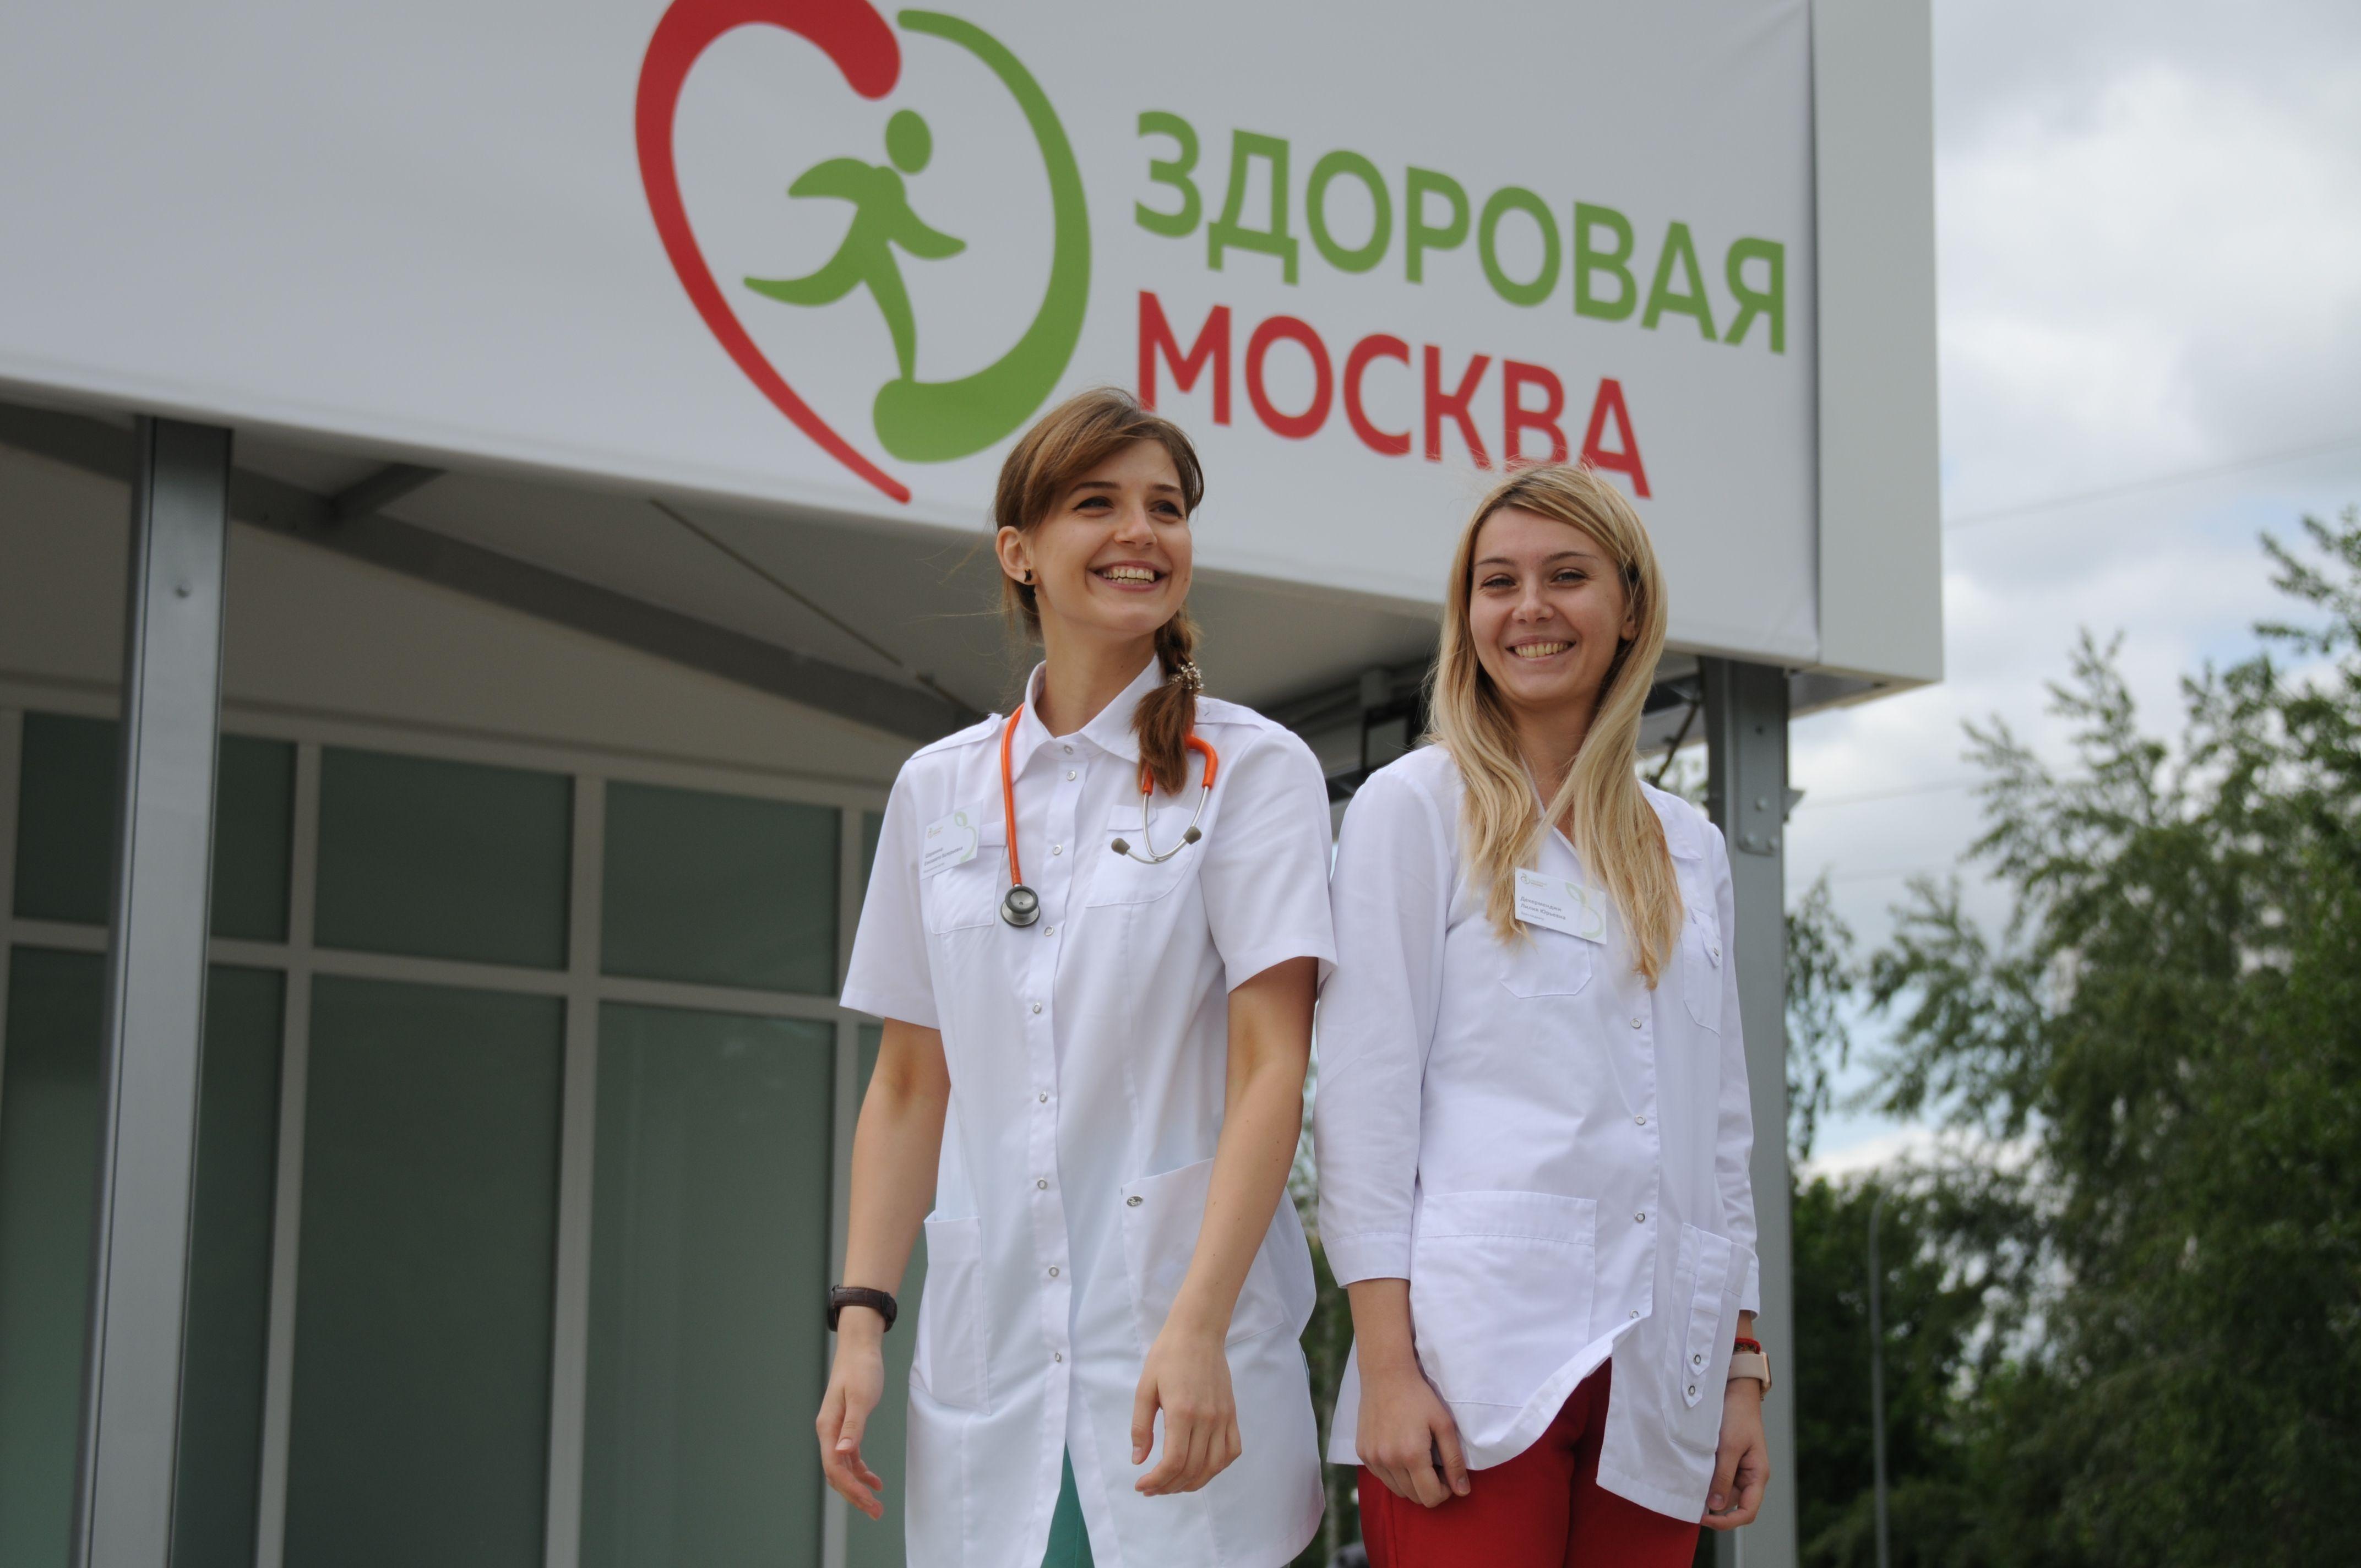 Свыше 200 тыс человек проверили здоровье в павильонах «Здоровая Москва»